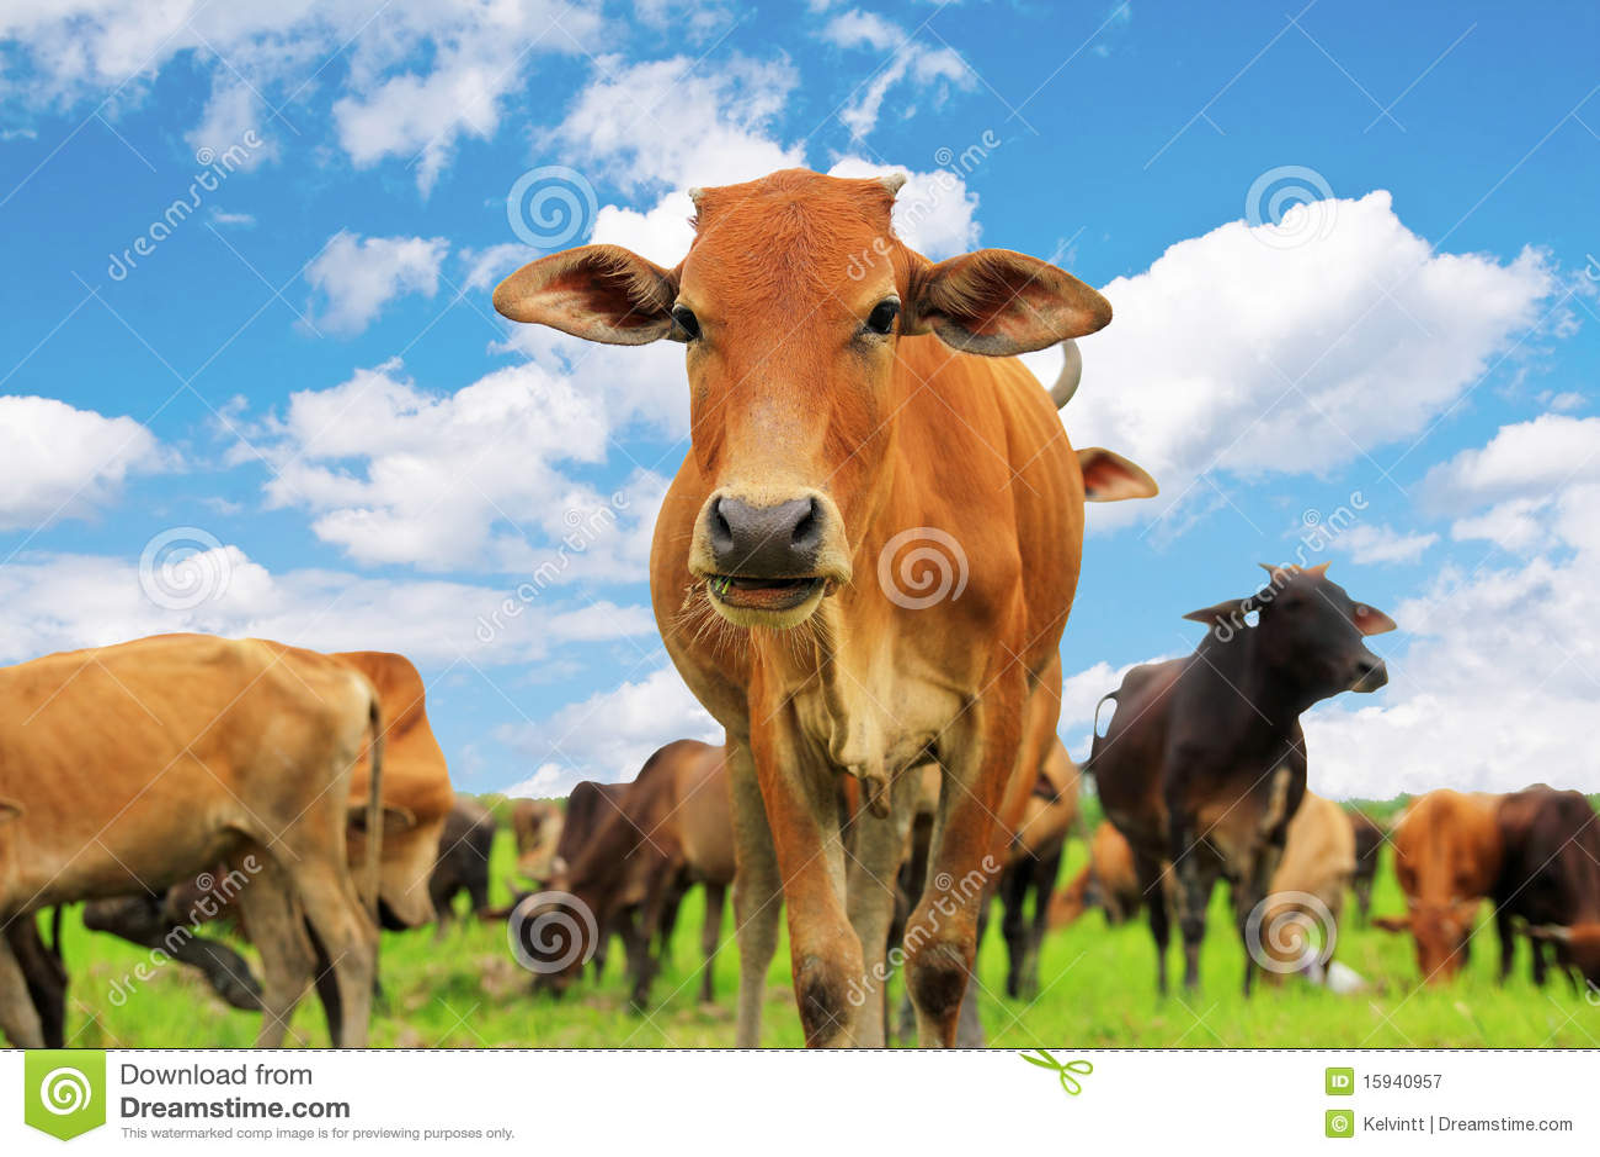 Krowa ciekawa